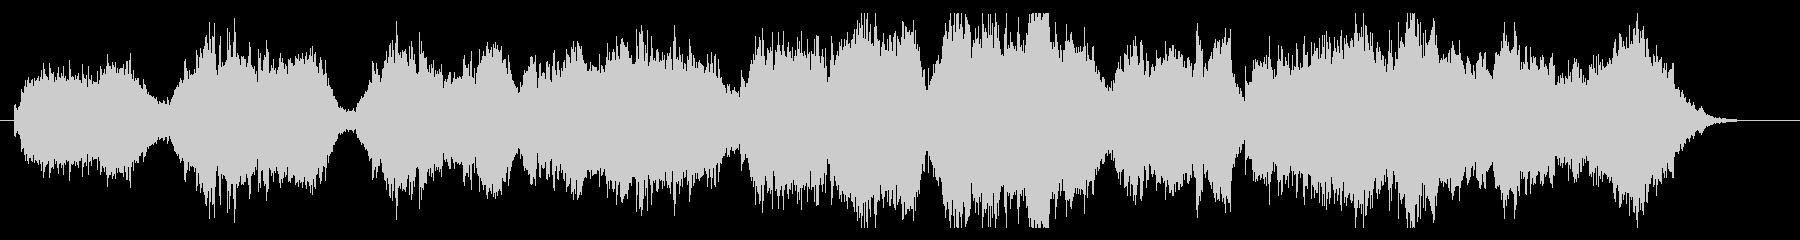 ハープ、チェロ、バイオリンの美しい曲の未再生の波形